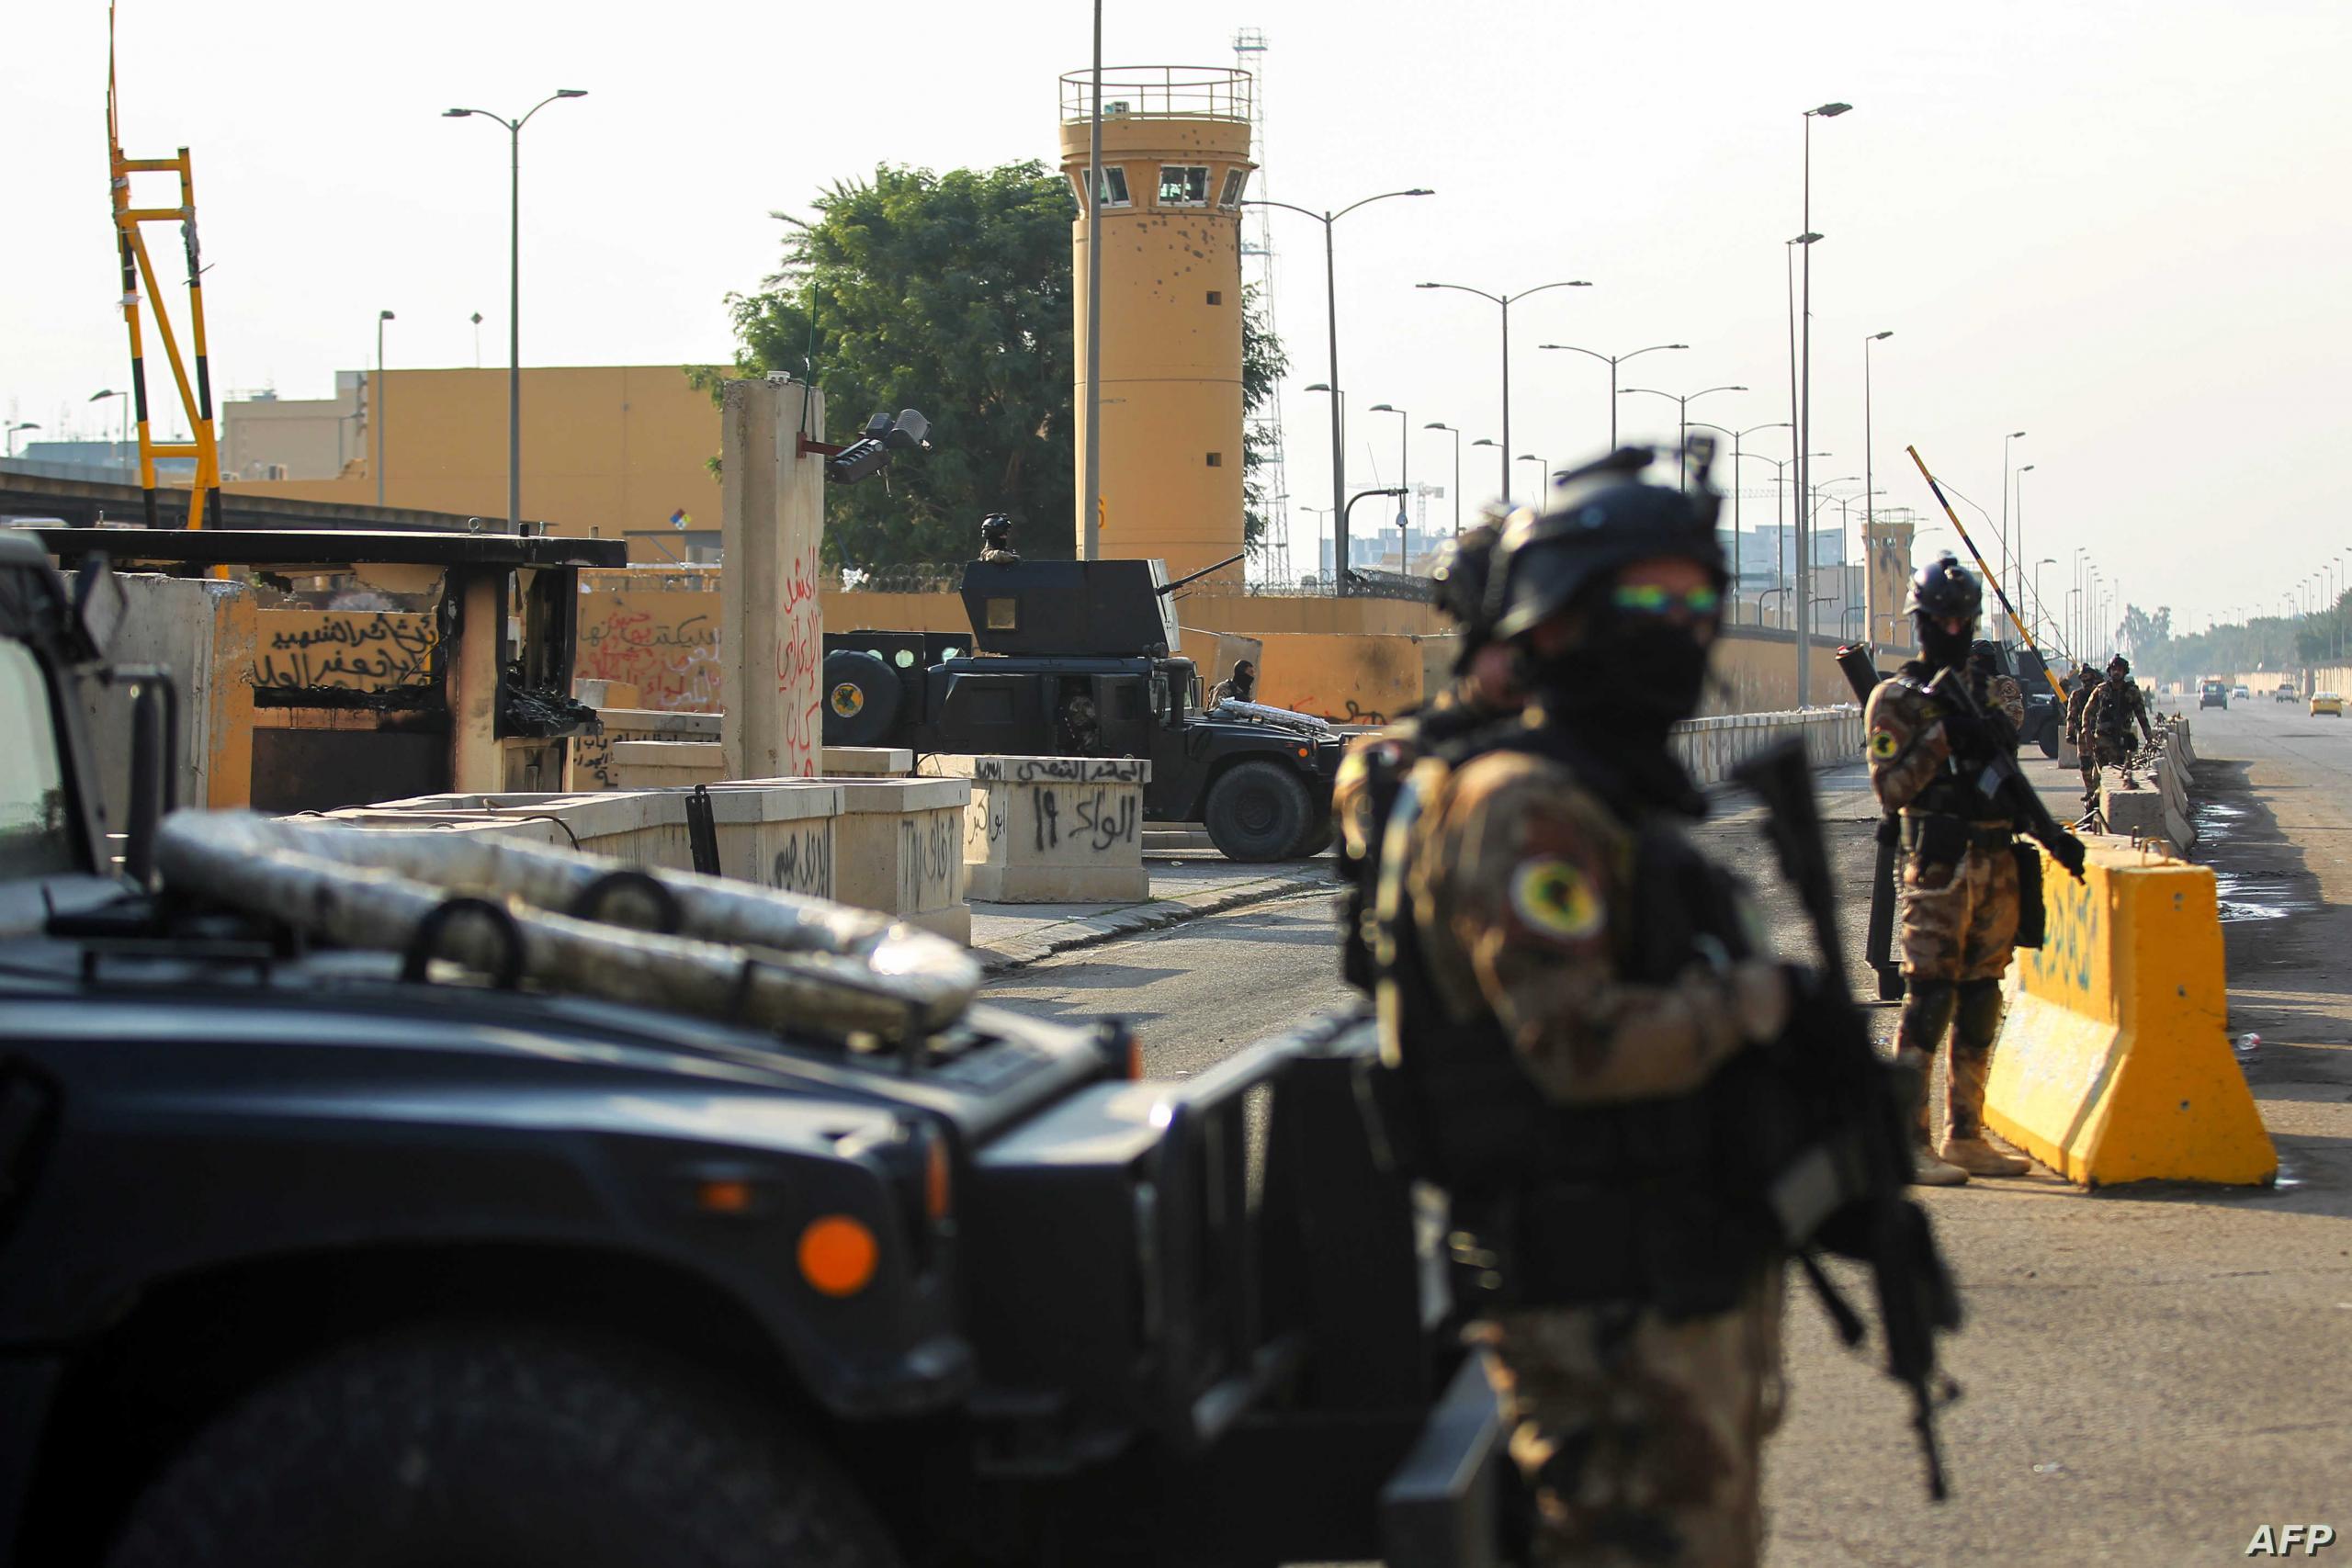 استهداف قاعدة فيكتوريا الأميركية قرب مطار بغداد بصواريخ كاتيوشا